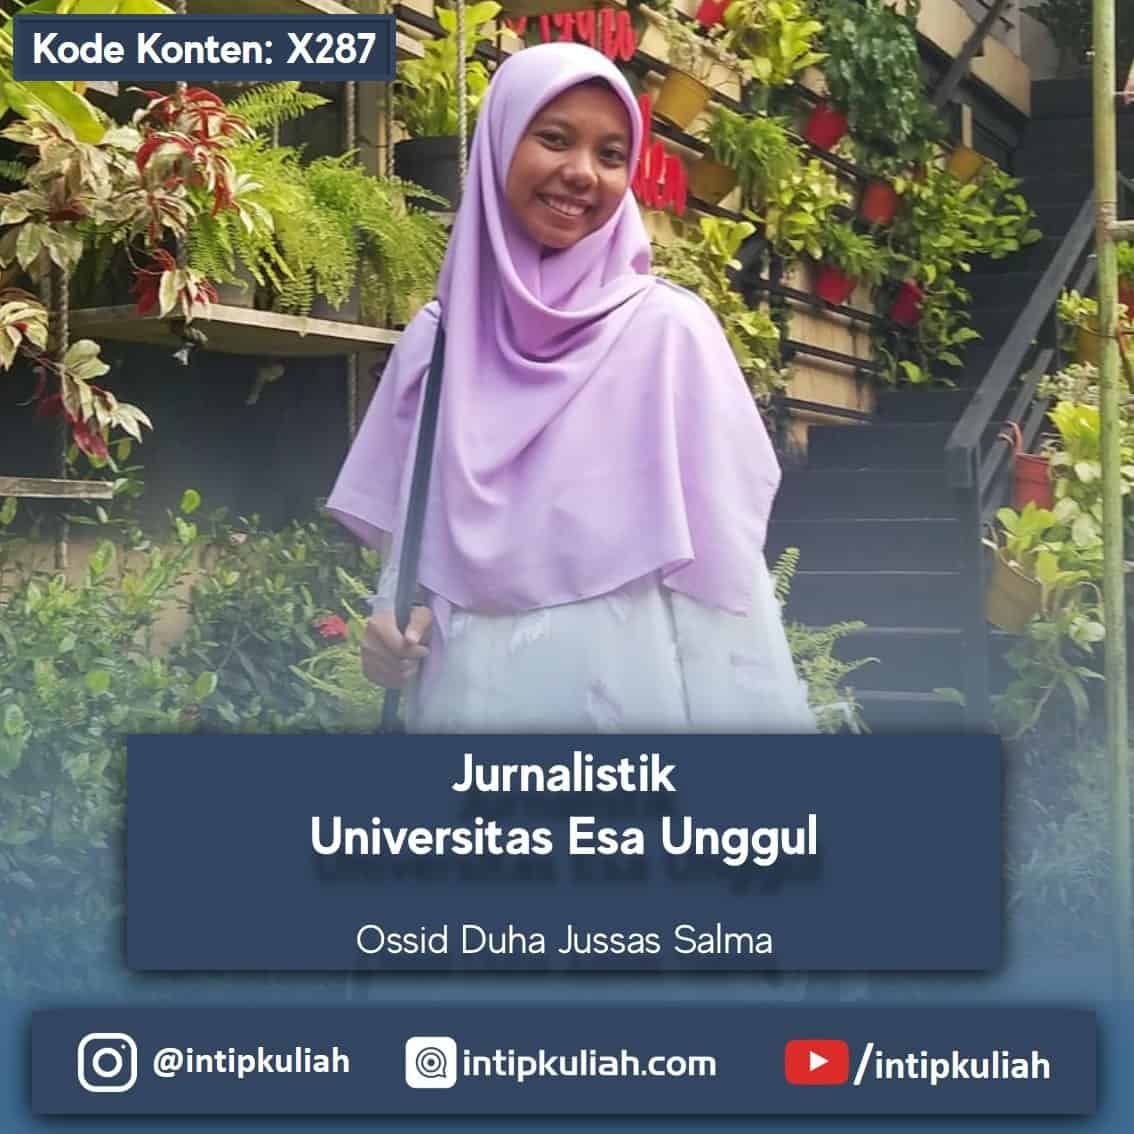 Jurnalistik Universitas Esa Unggul (Ossid)